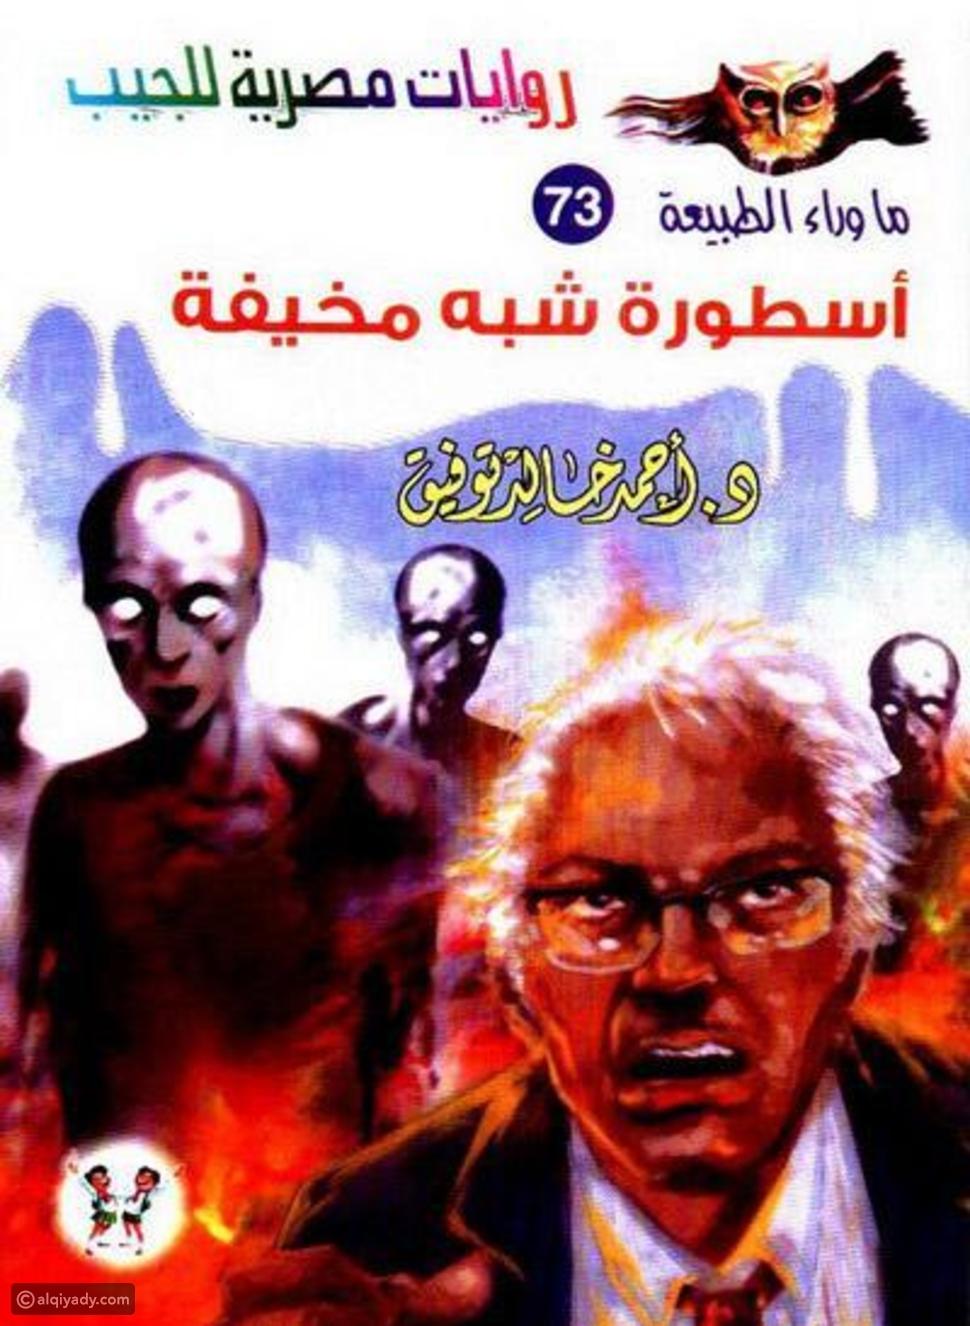 وداعًا د. أحمد خالد توفيق.. وفاة أشهر كاتب رعب في العالم العربي